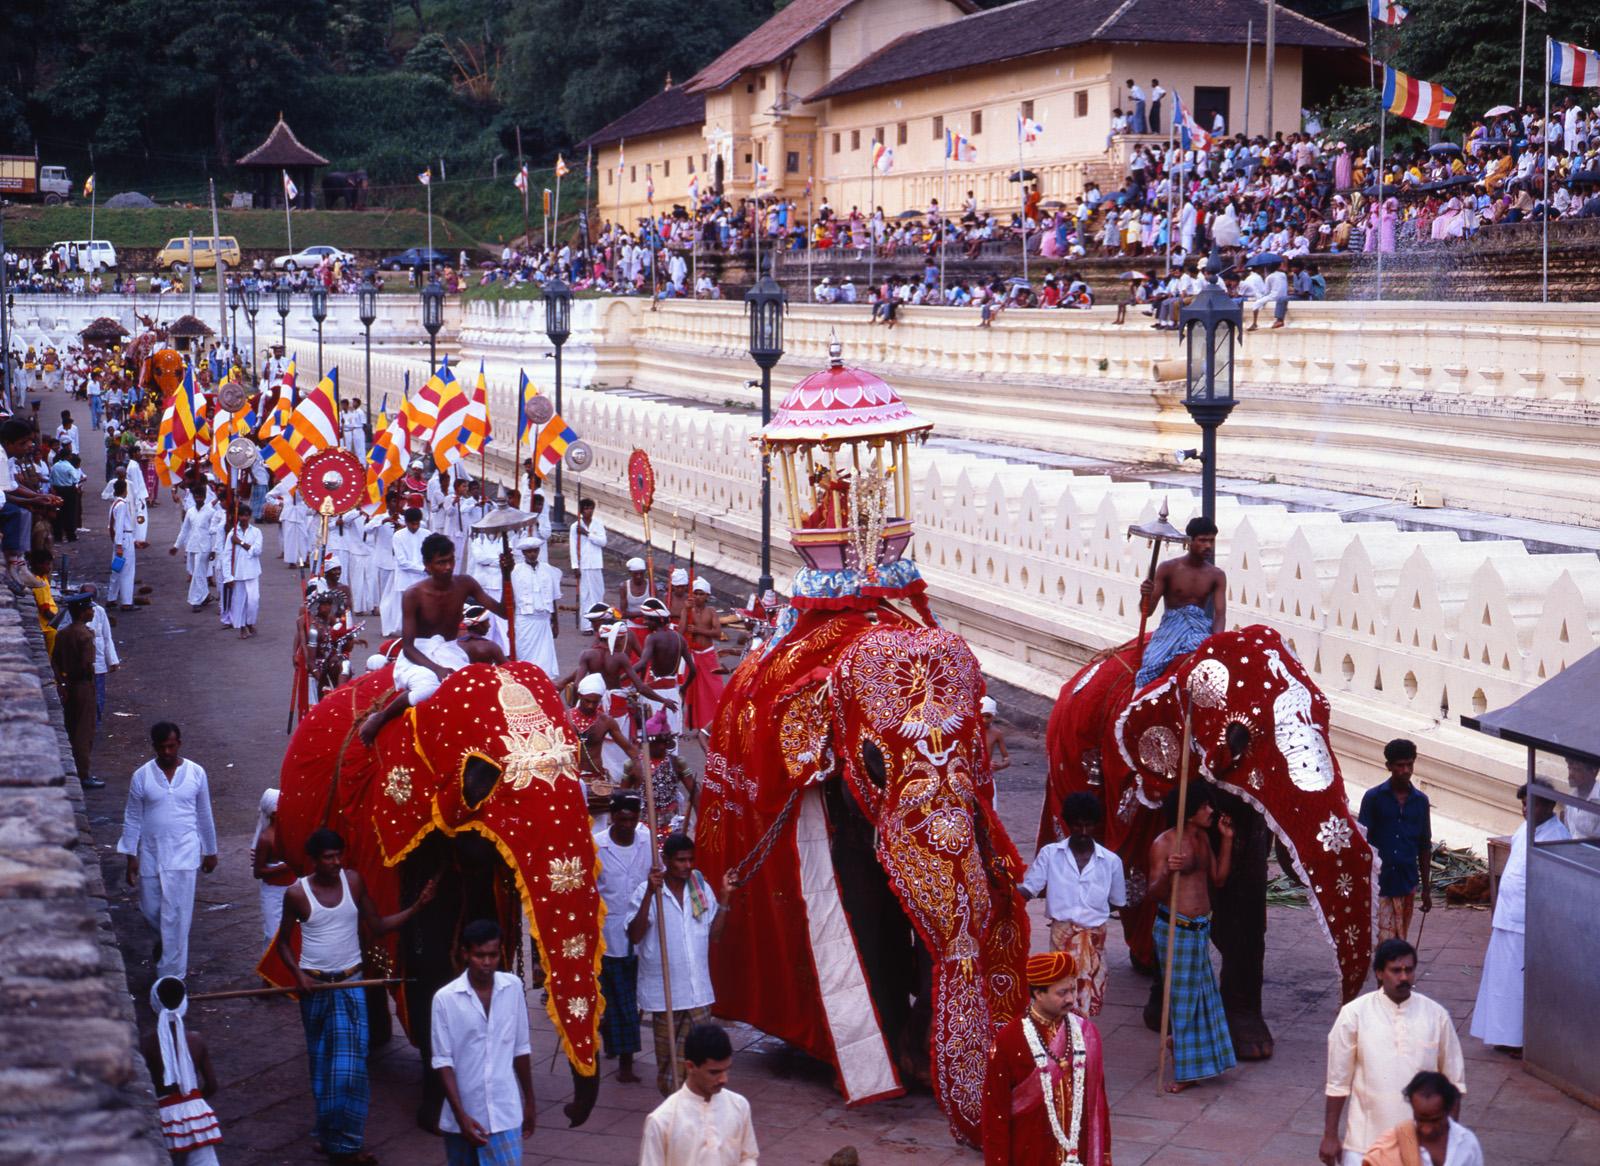 Ausflug zum Kandy Parahara Festival in Sri Lanka - Lanka Princess